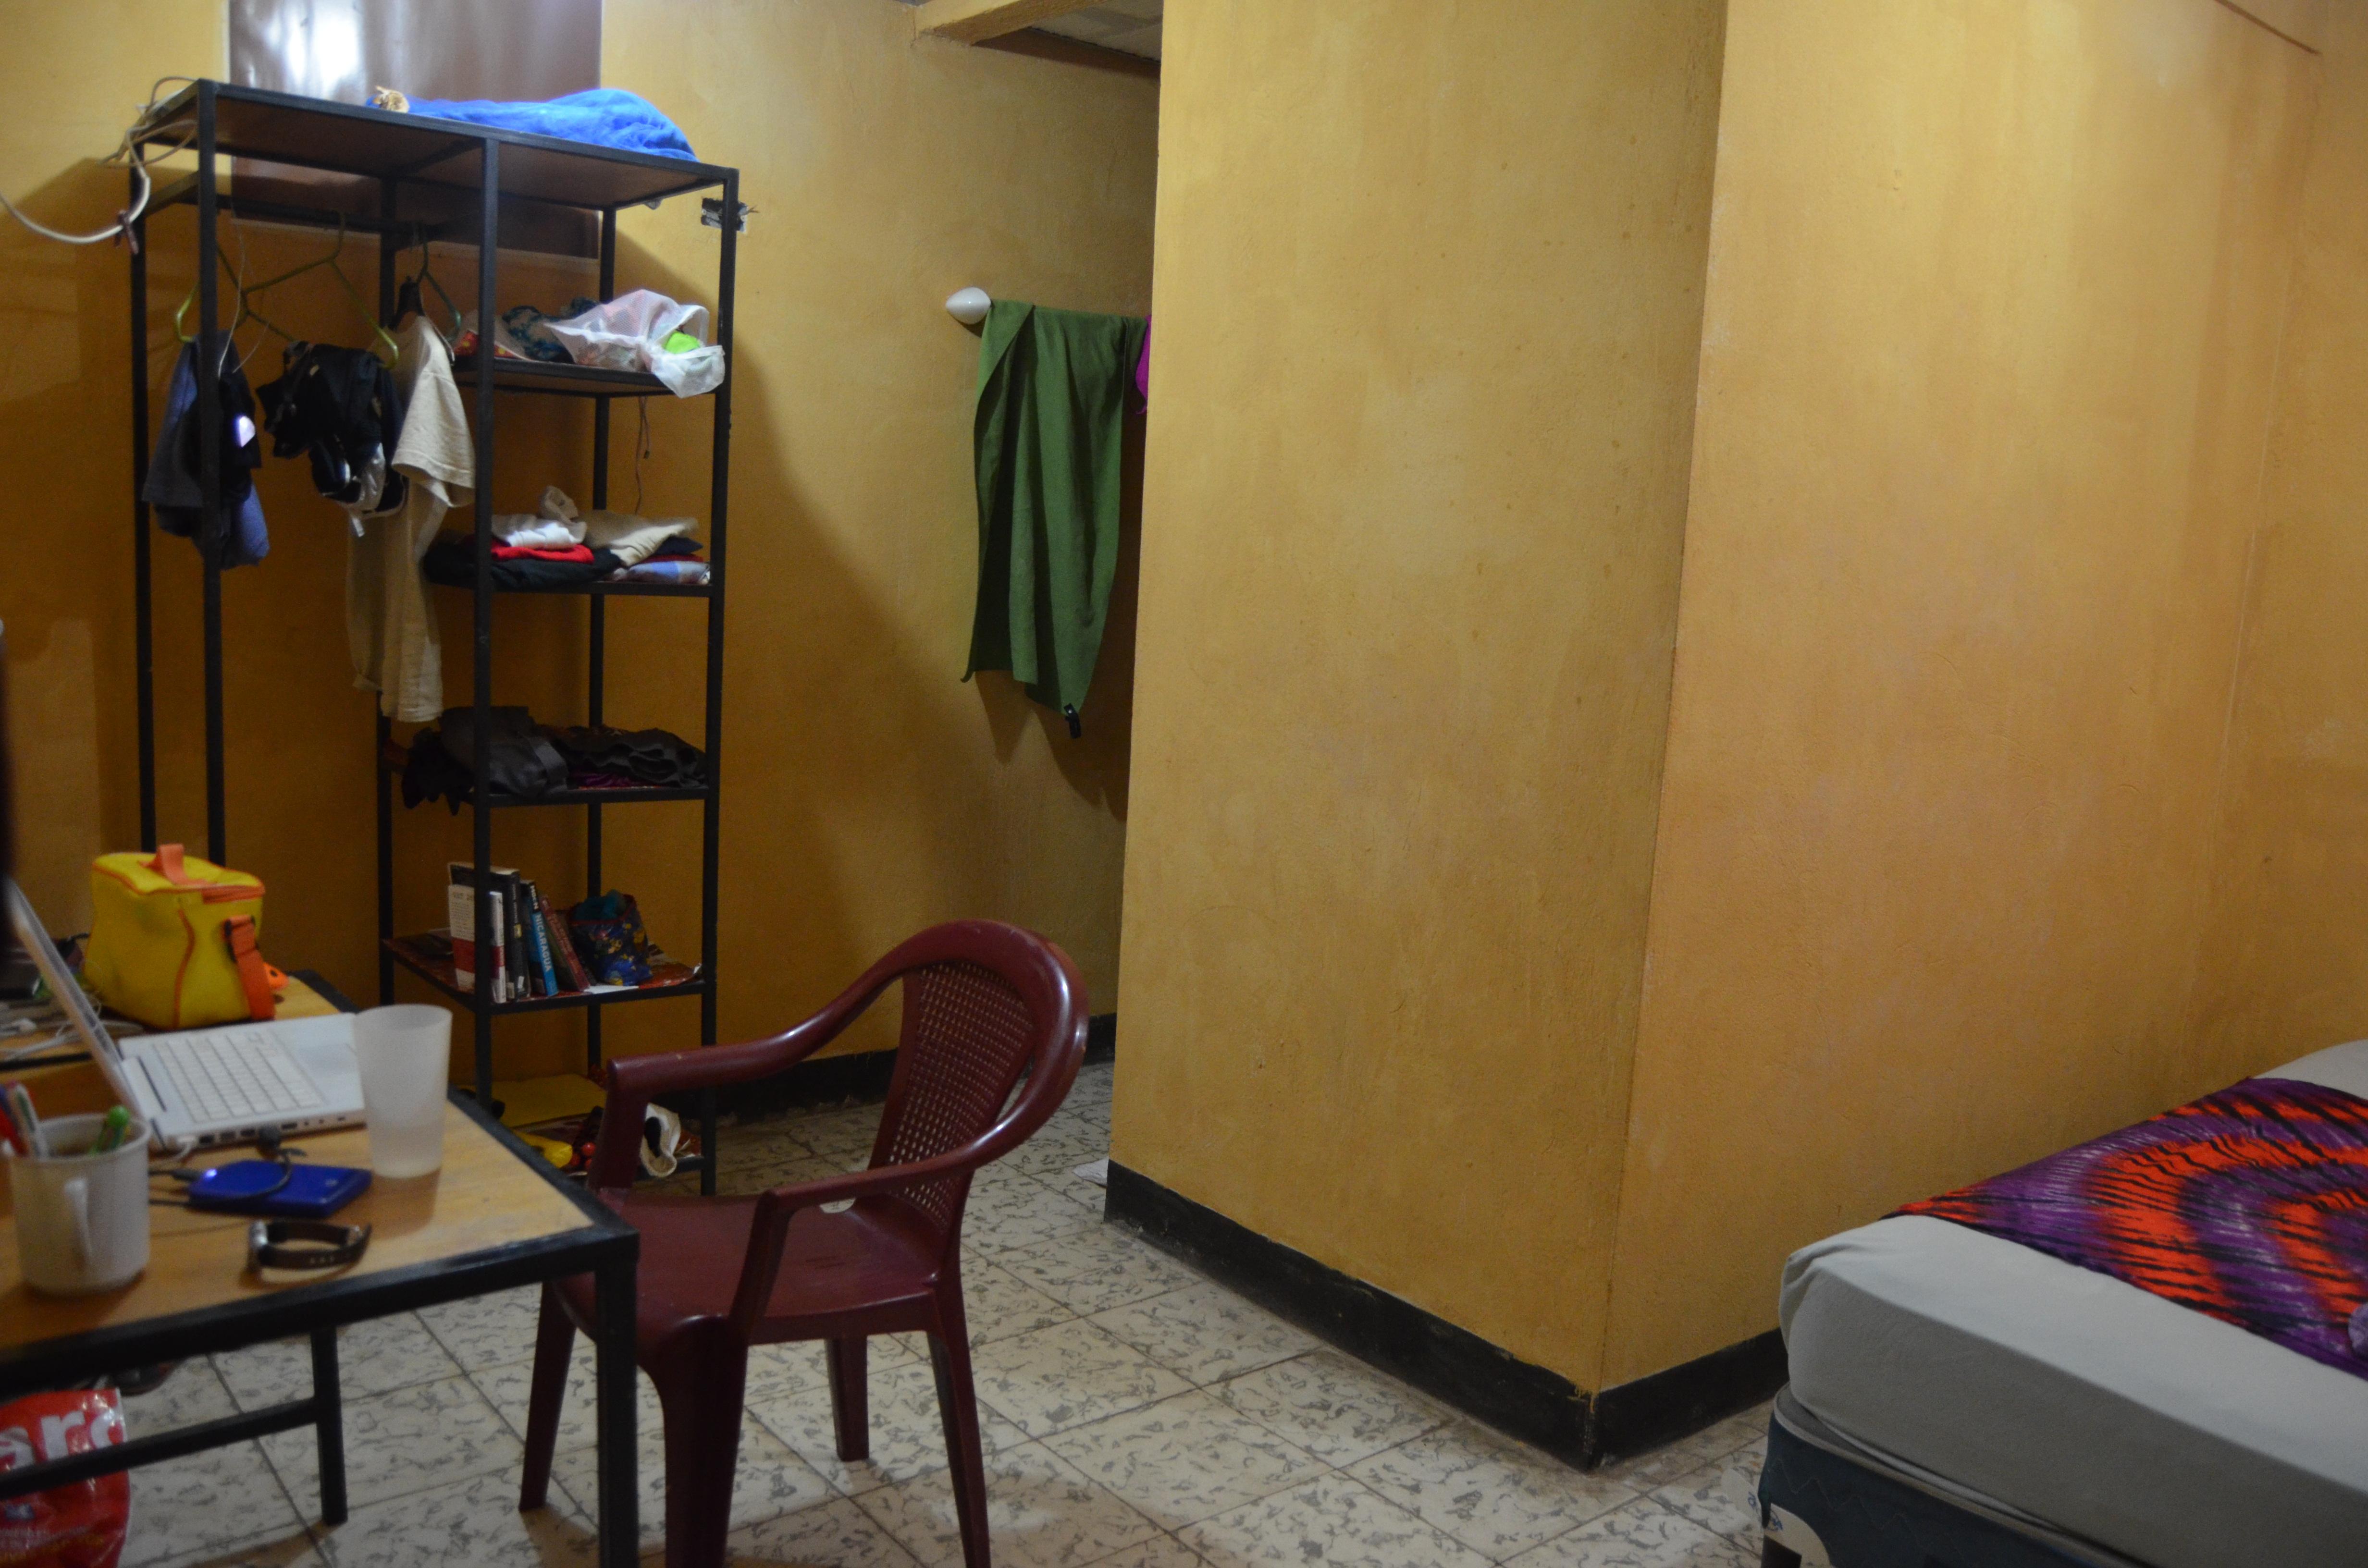 My office/bedroom